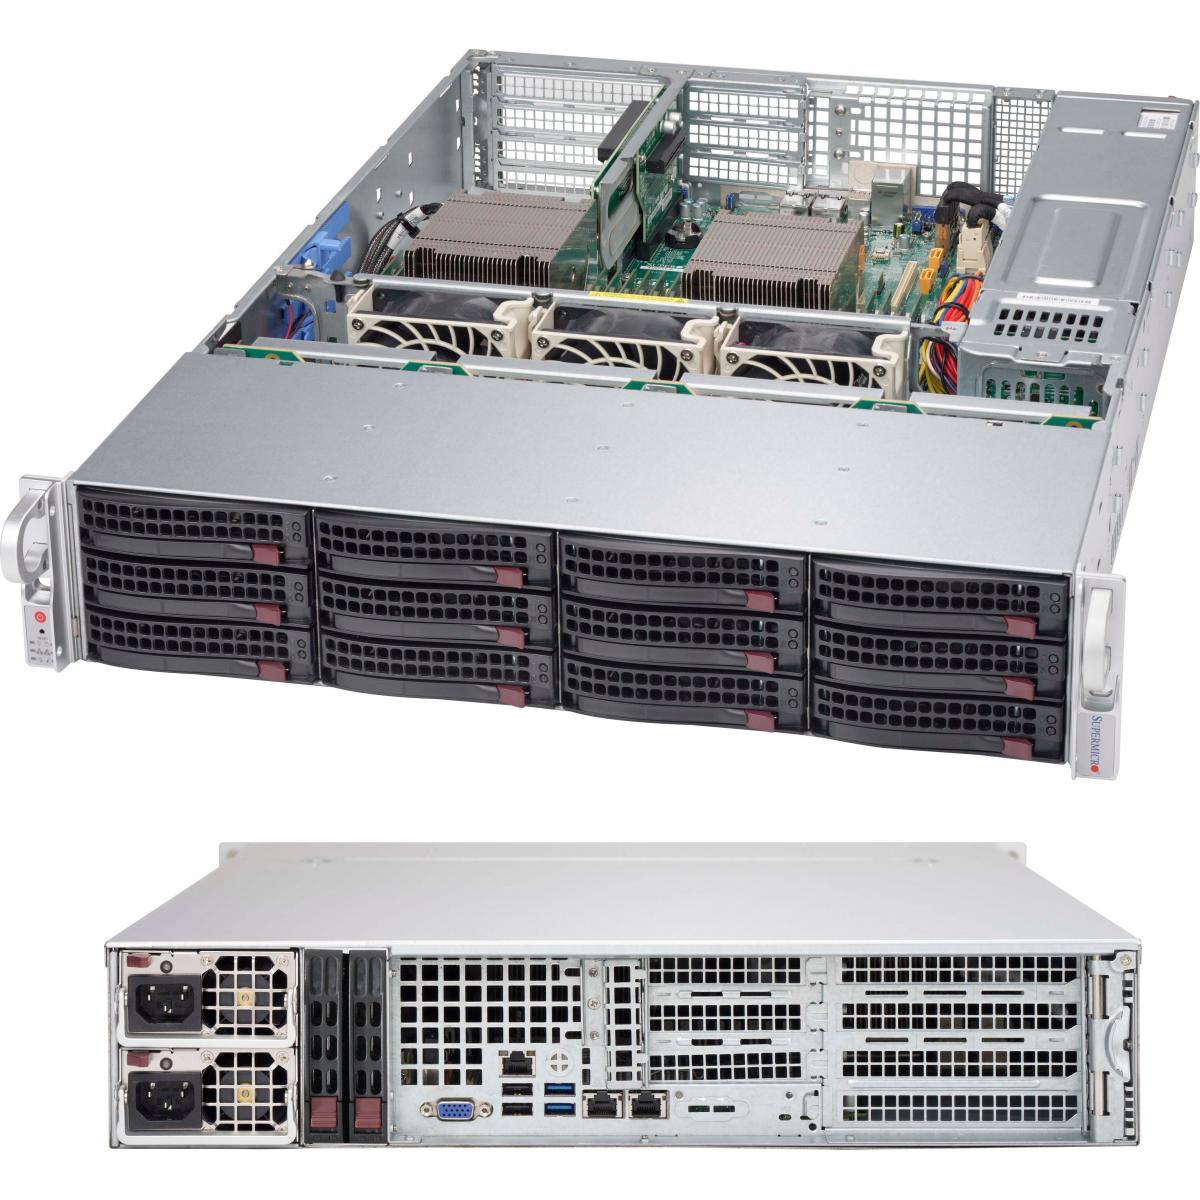 бесплатные хостинги для ксс серверов 34